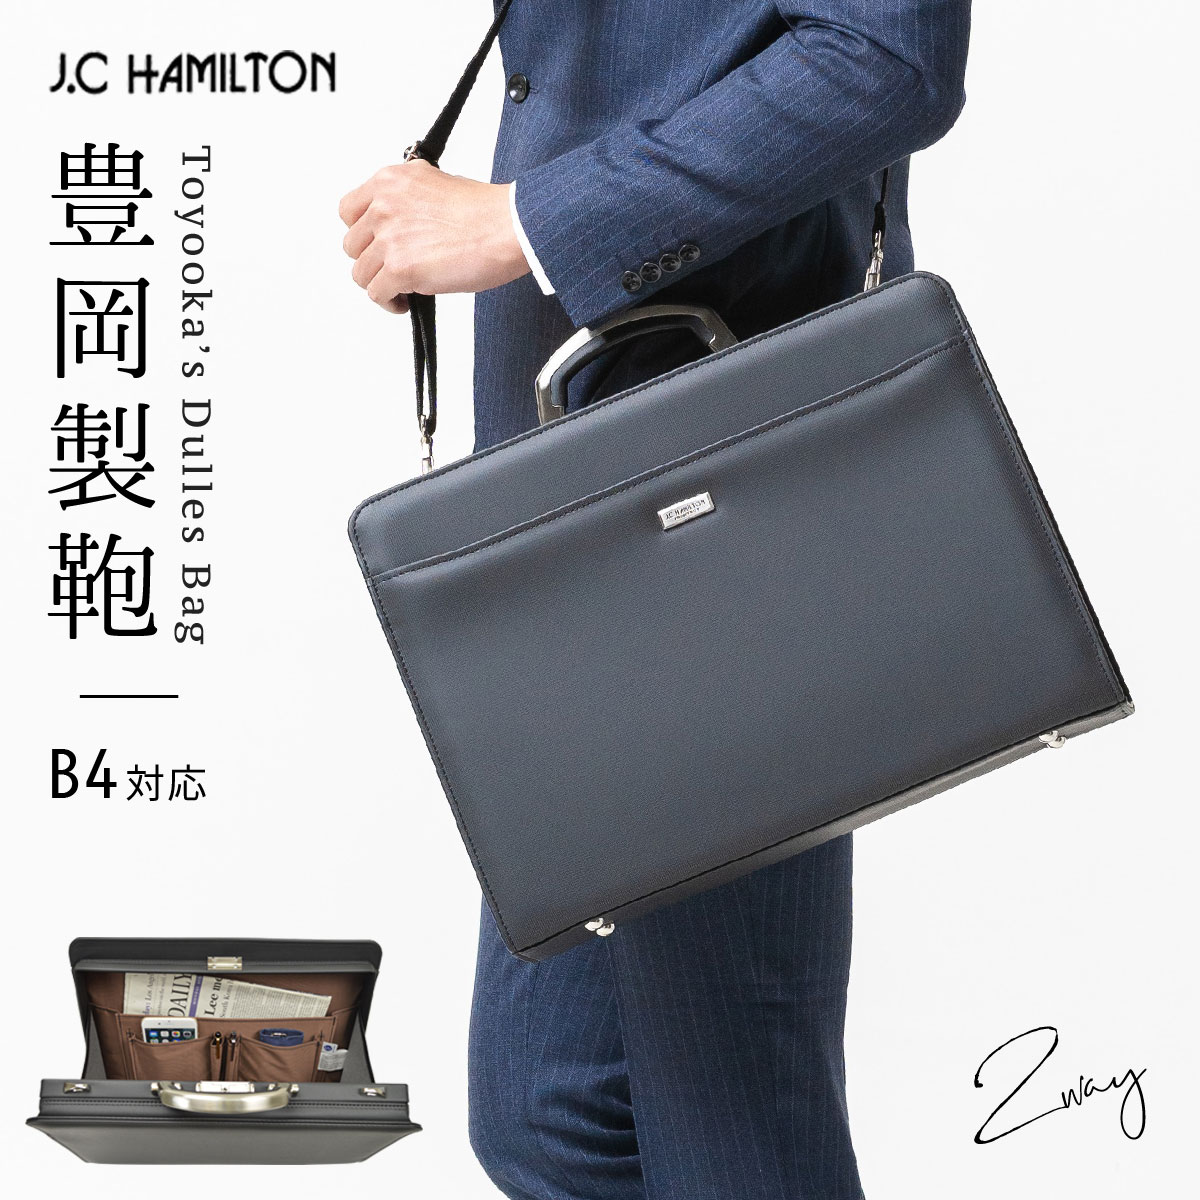 【最大10%OFFクーポン】ビジネスバッグ メンズ ブリーフケース ジェイシー ハミルトン アーバンシリーズ B4 大開きミニダレス 黒 22301 メンズファッション ギフト プレゼント 贈り物